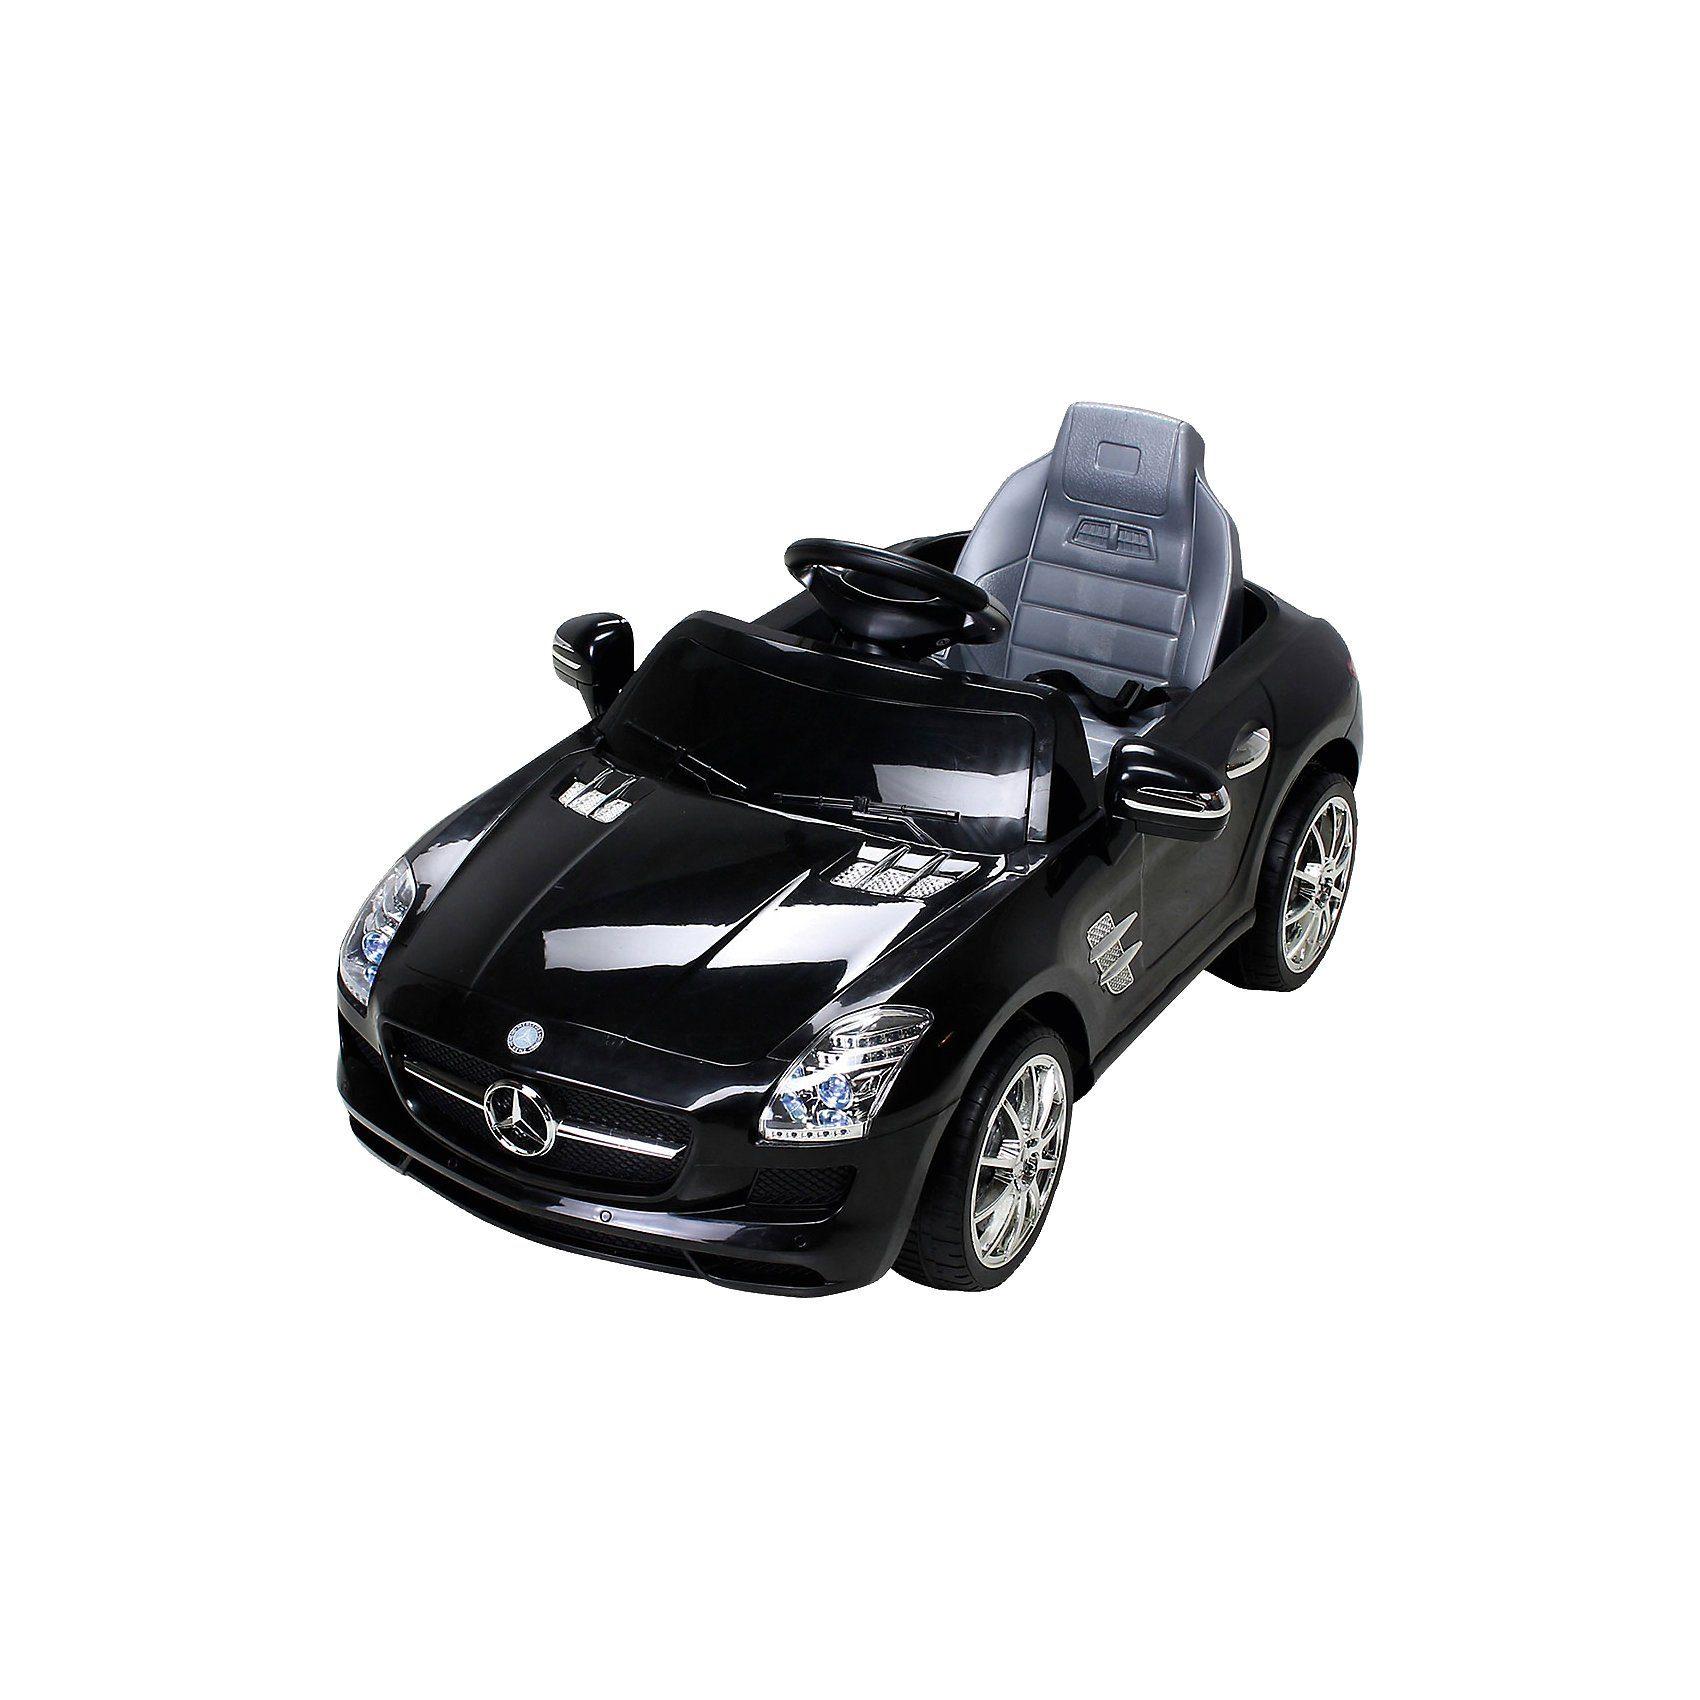 miweba Kinder Elektroauto Mercedes SLS AMG Lizenziert, schwarz